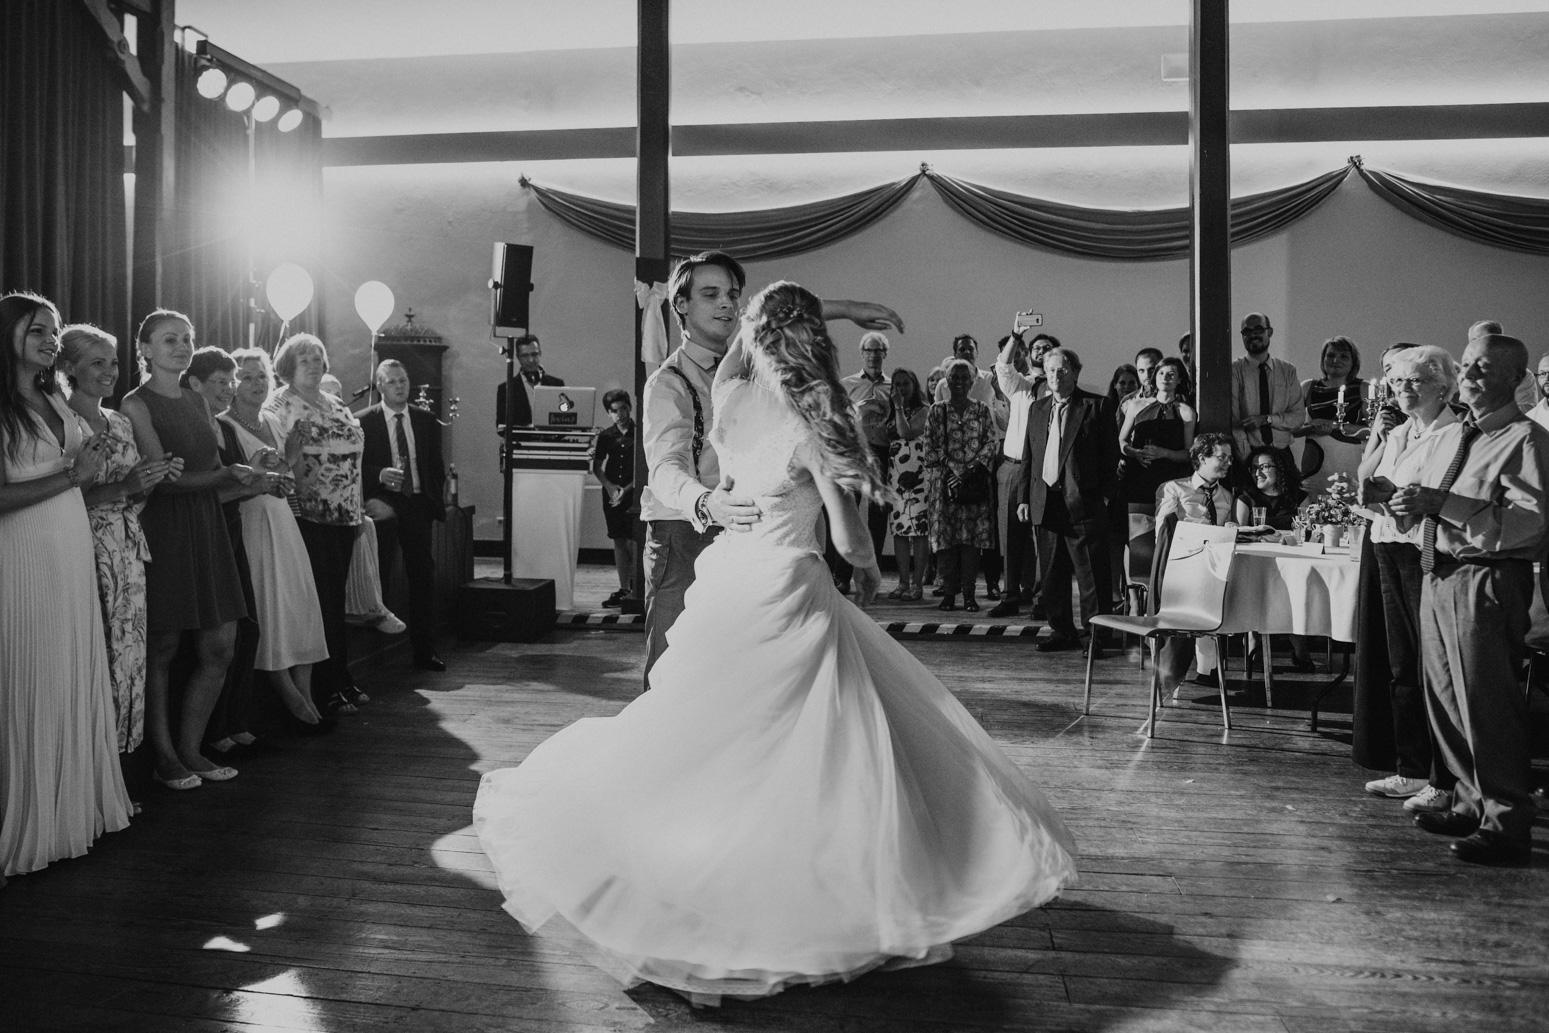 First Dance. Hochzeitsreportage von Daria Becker, Hochzeitsfotograf Köln Bonn